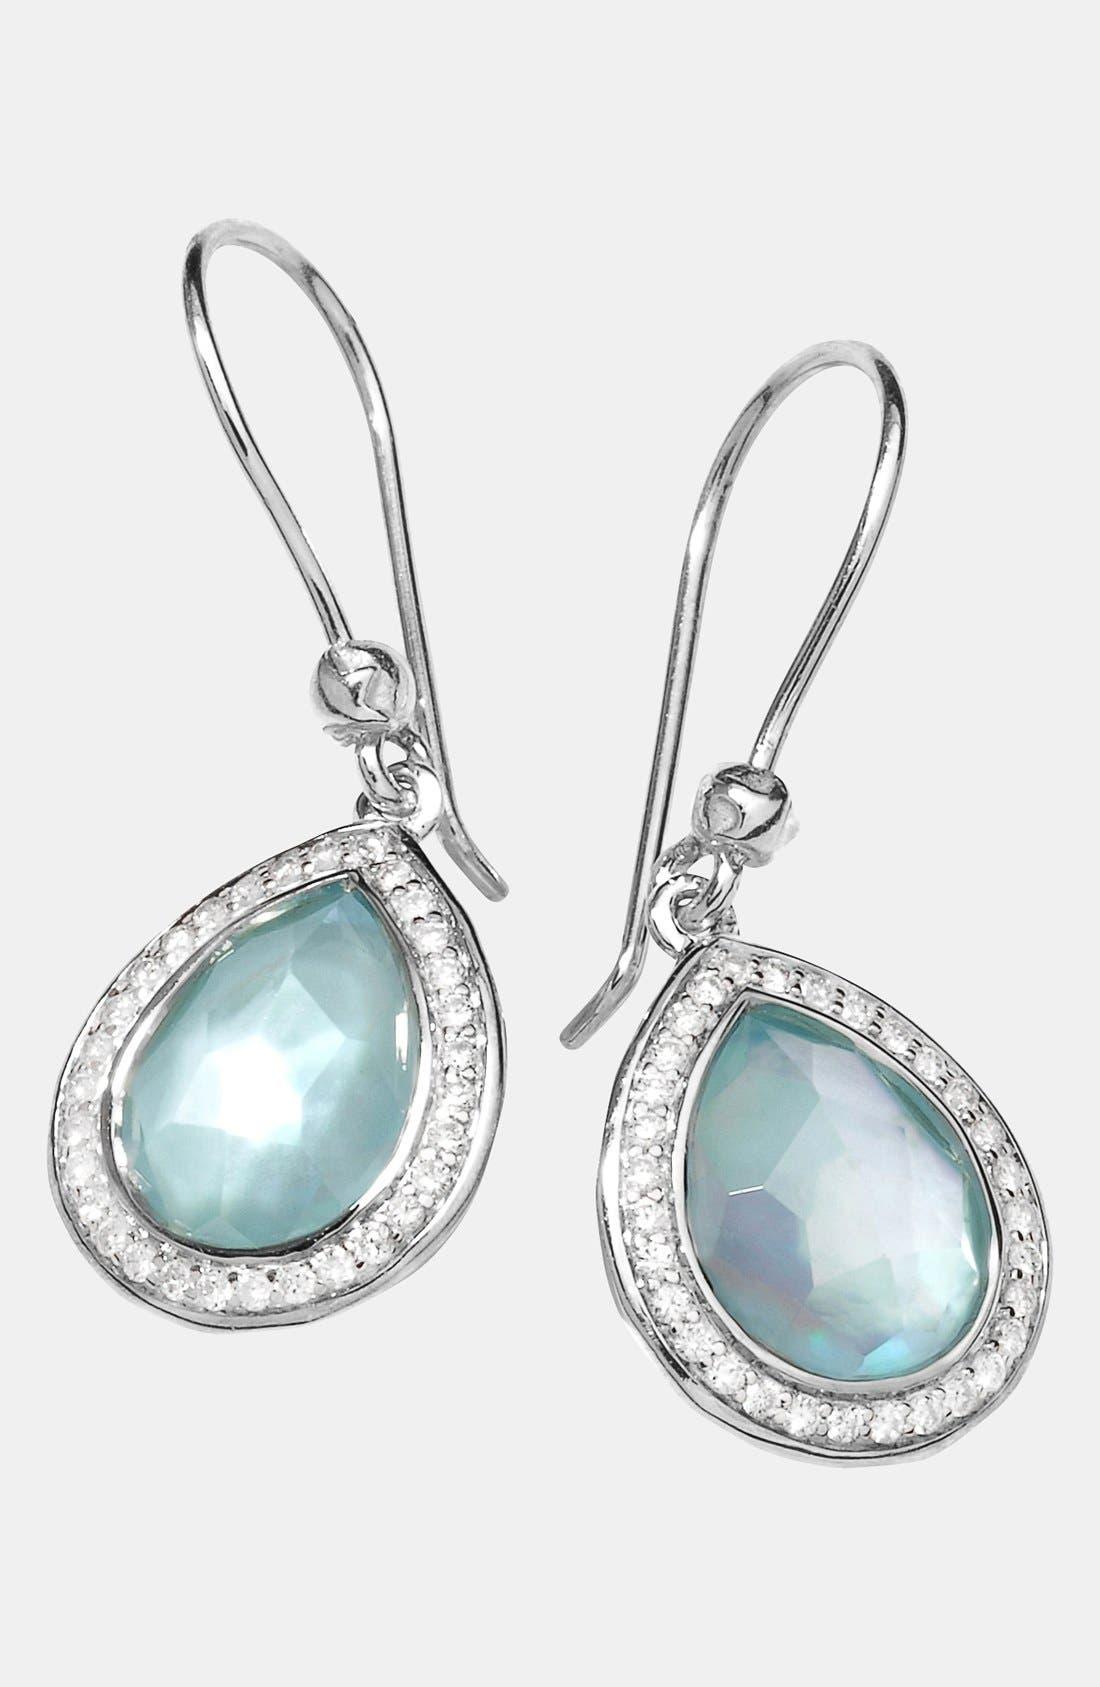 Ippolita 'Stella' Small Teardrop Earrings